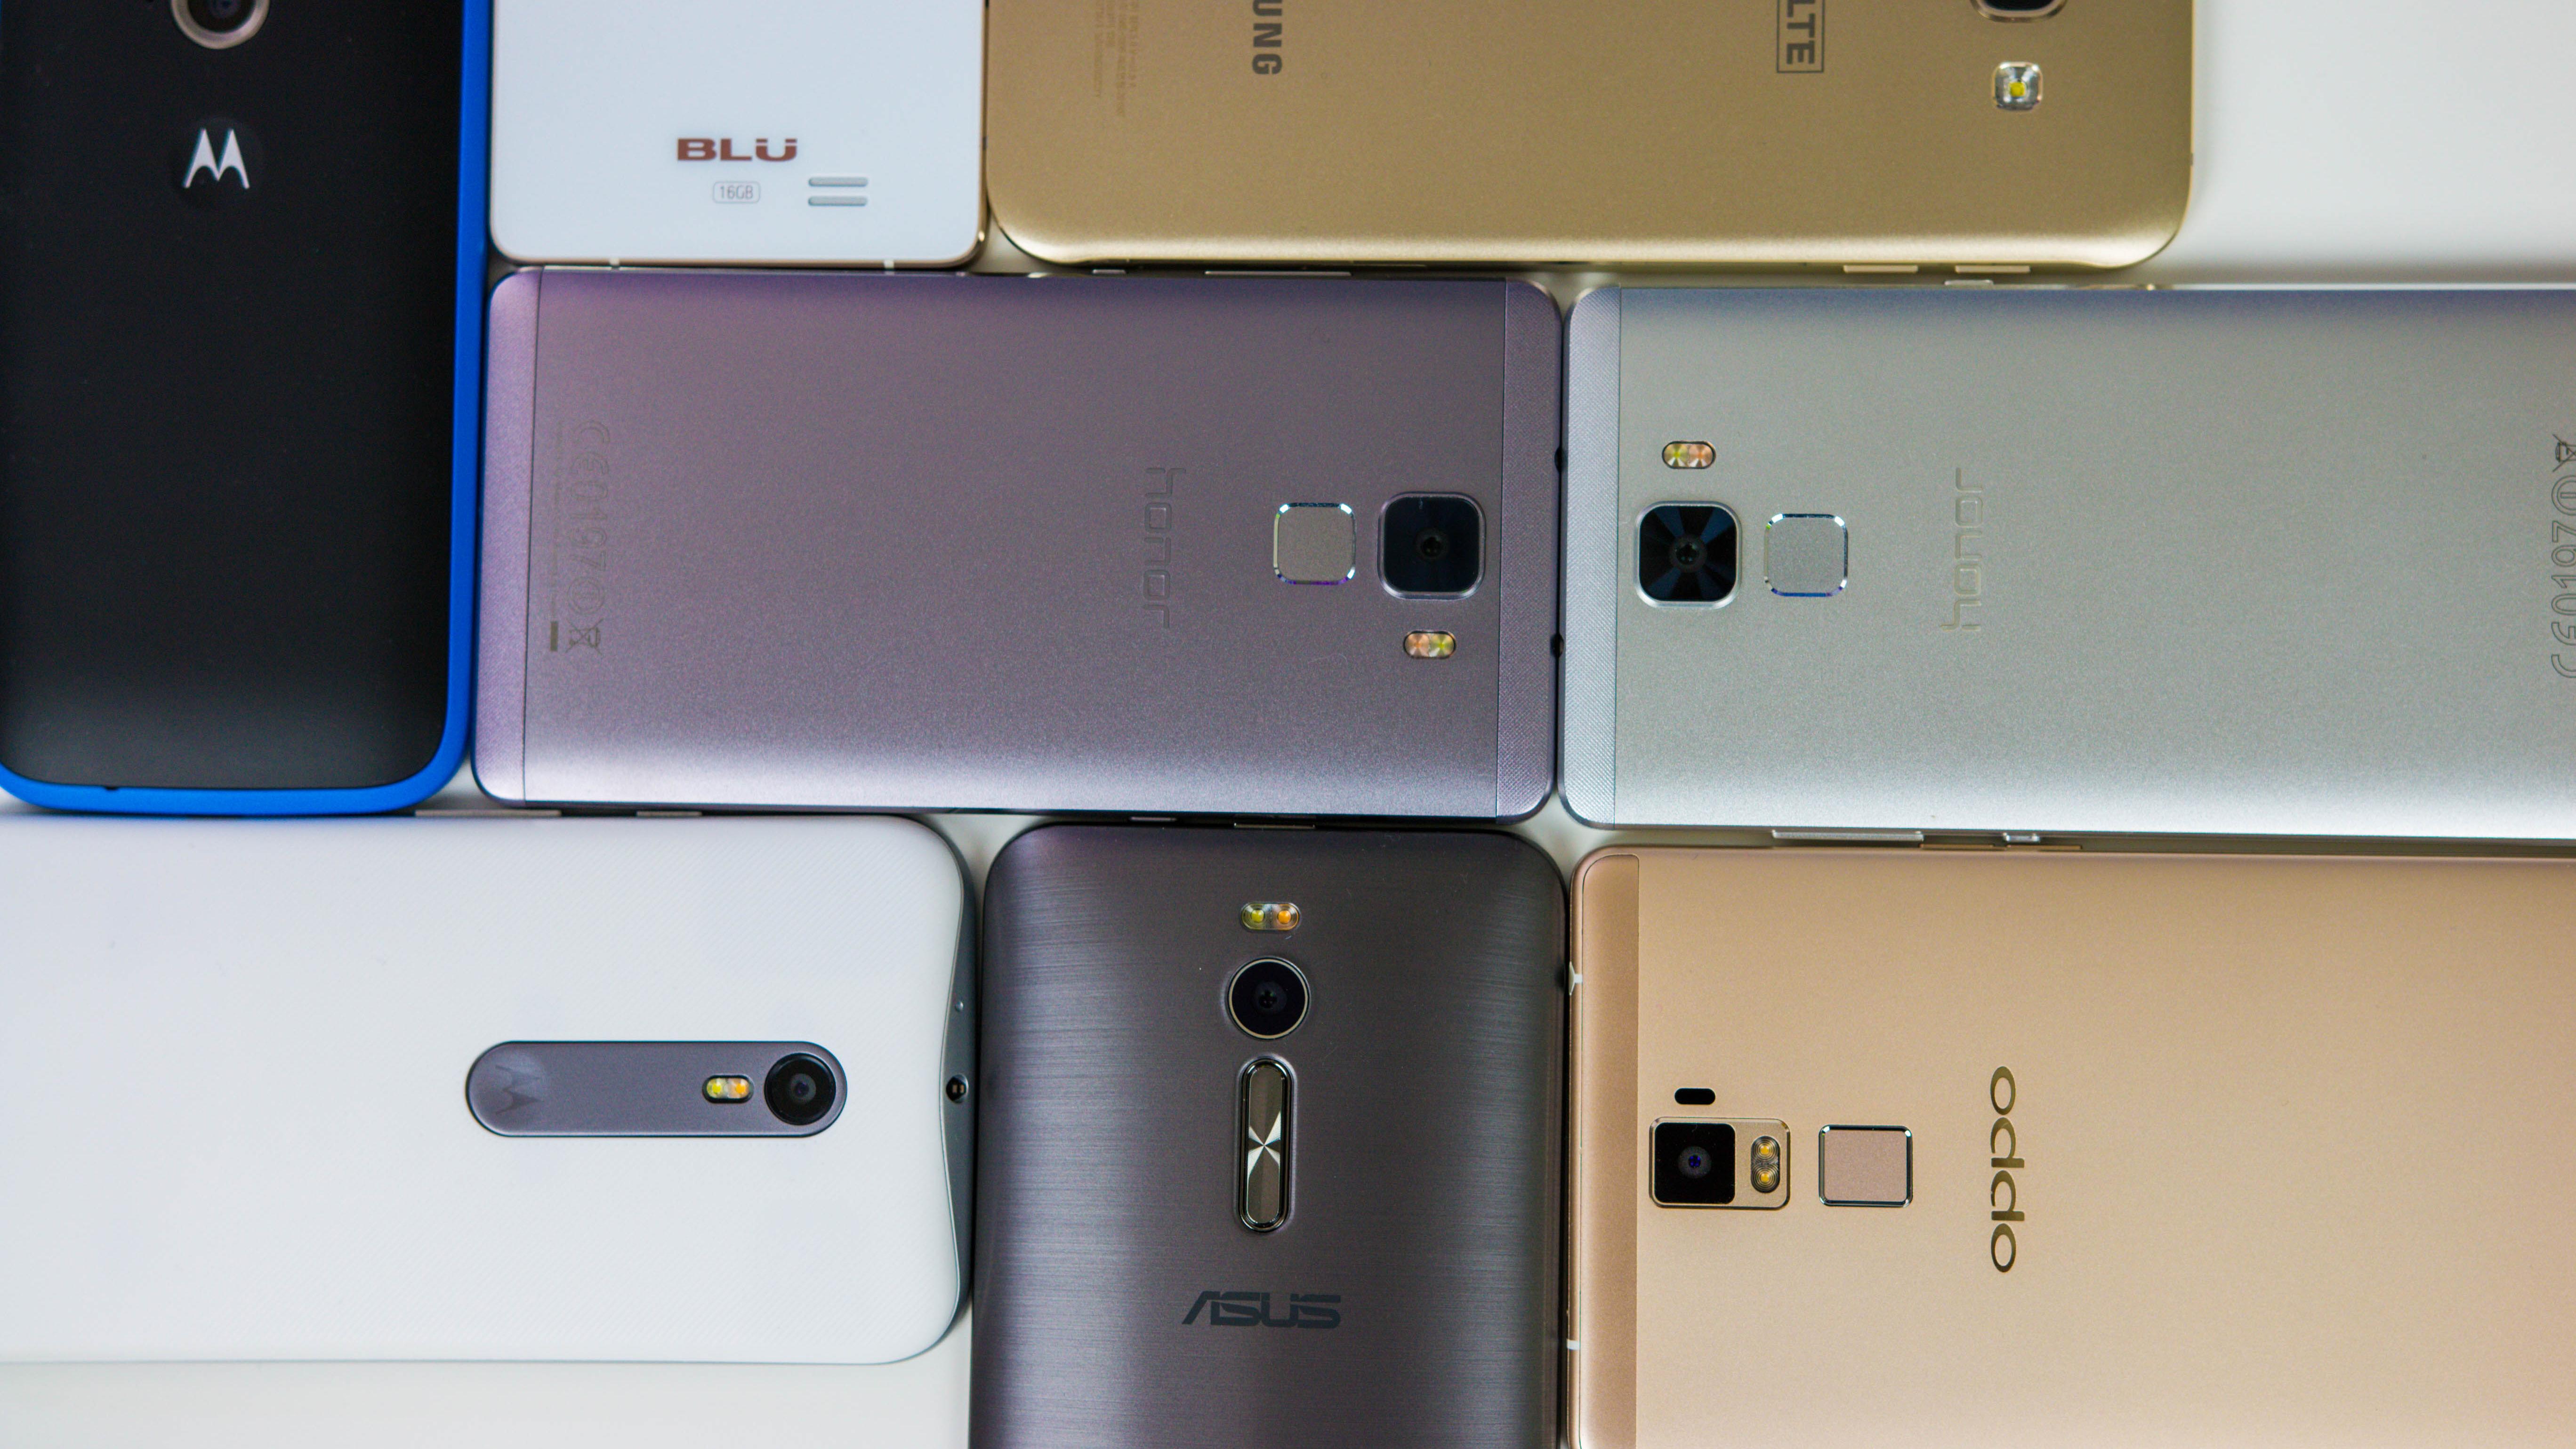 f67cb1223dc45 Сейчас на прилавках магазинов можно обнаружить смартфоны от самых разных  компаний. Продавец-консультант обязательно будет уверять, что каждый бренд  хорош ...